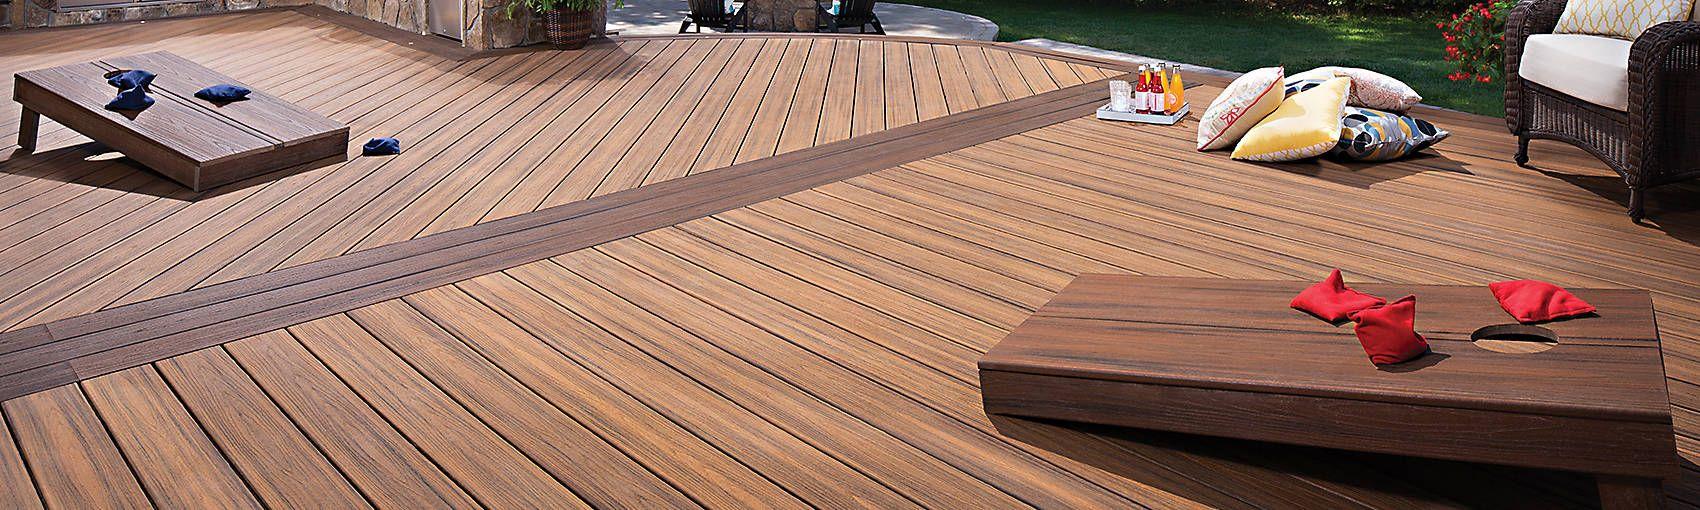 Wpc Outdoor Waterproof Laminate Decking Floor Wpc